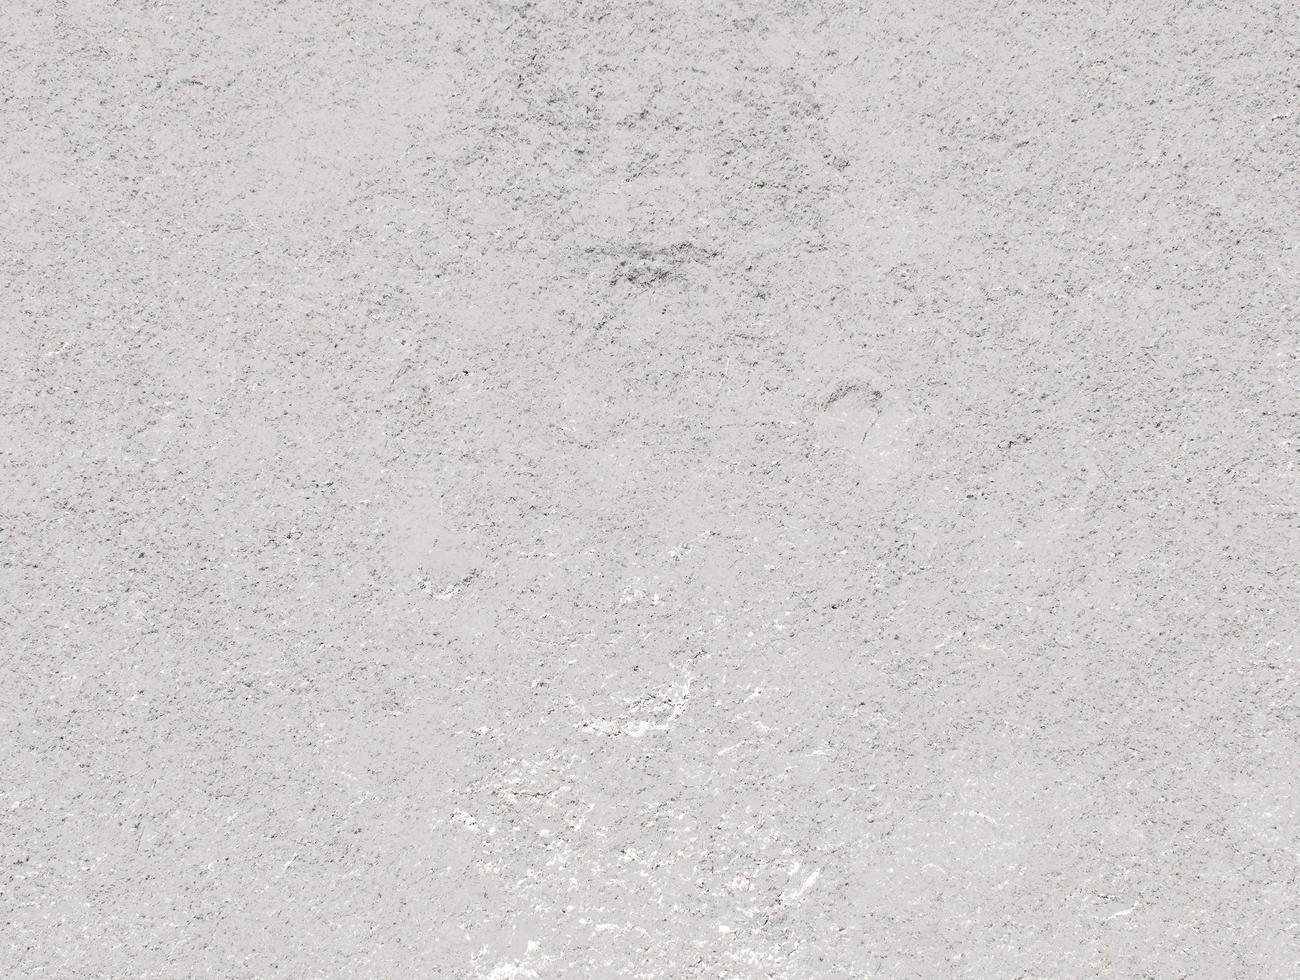 minimalistische betonnen muur textuur foto